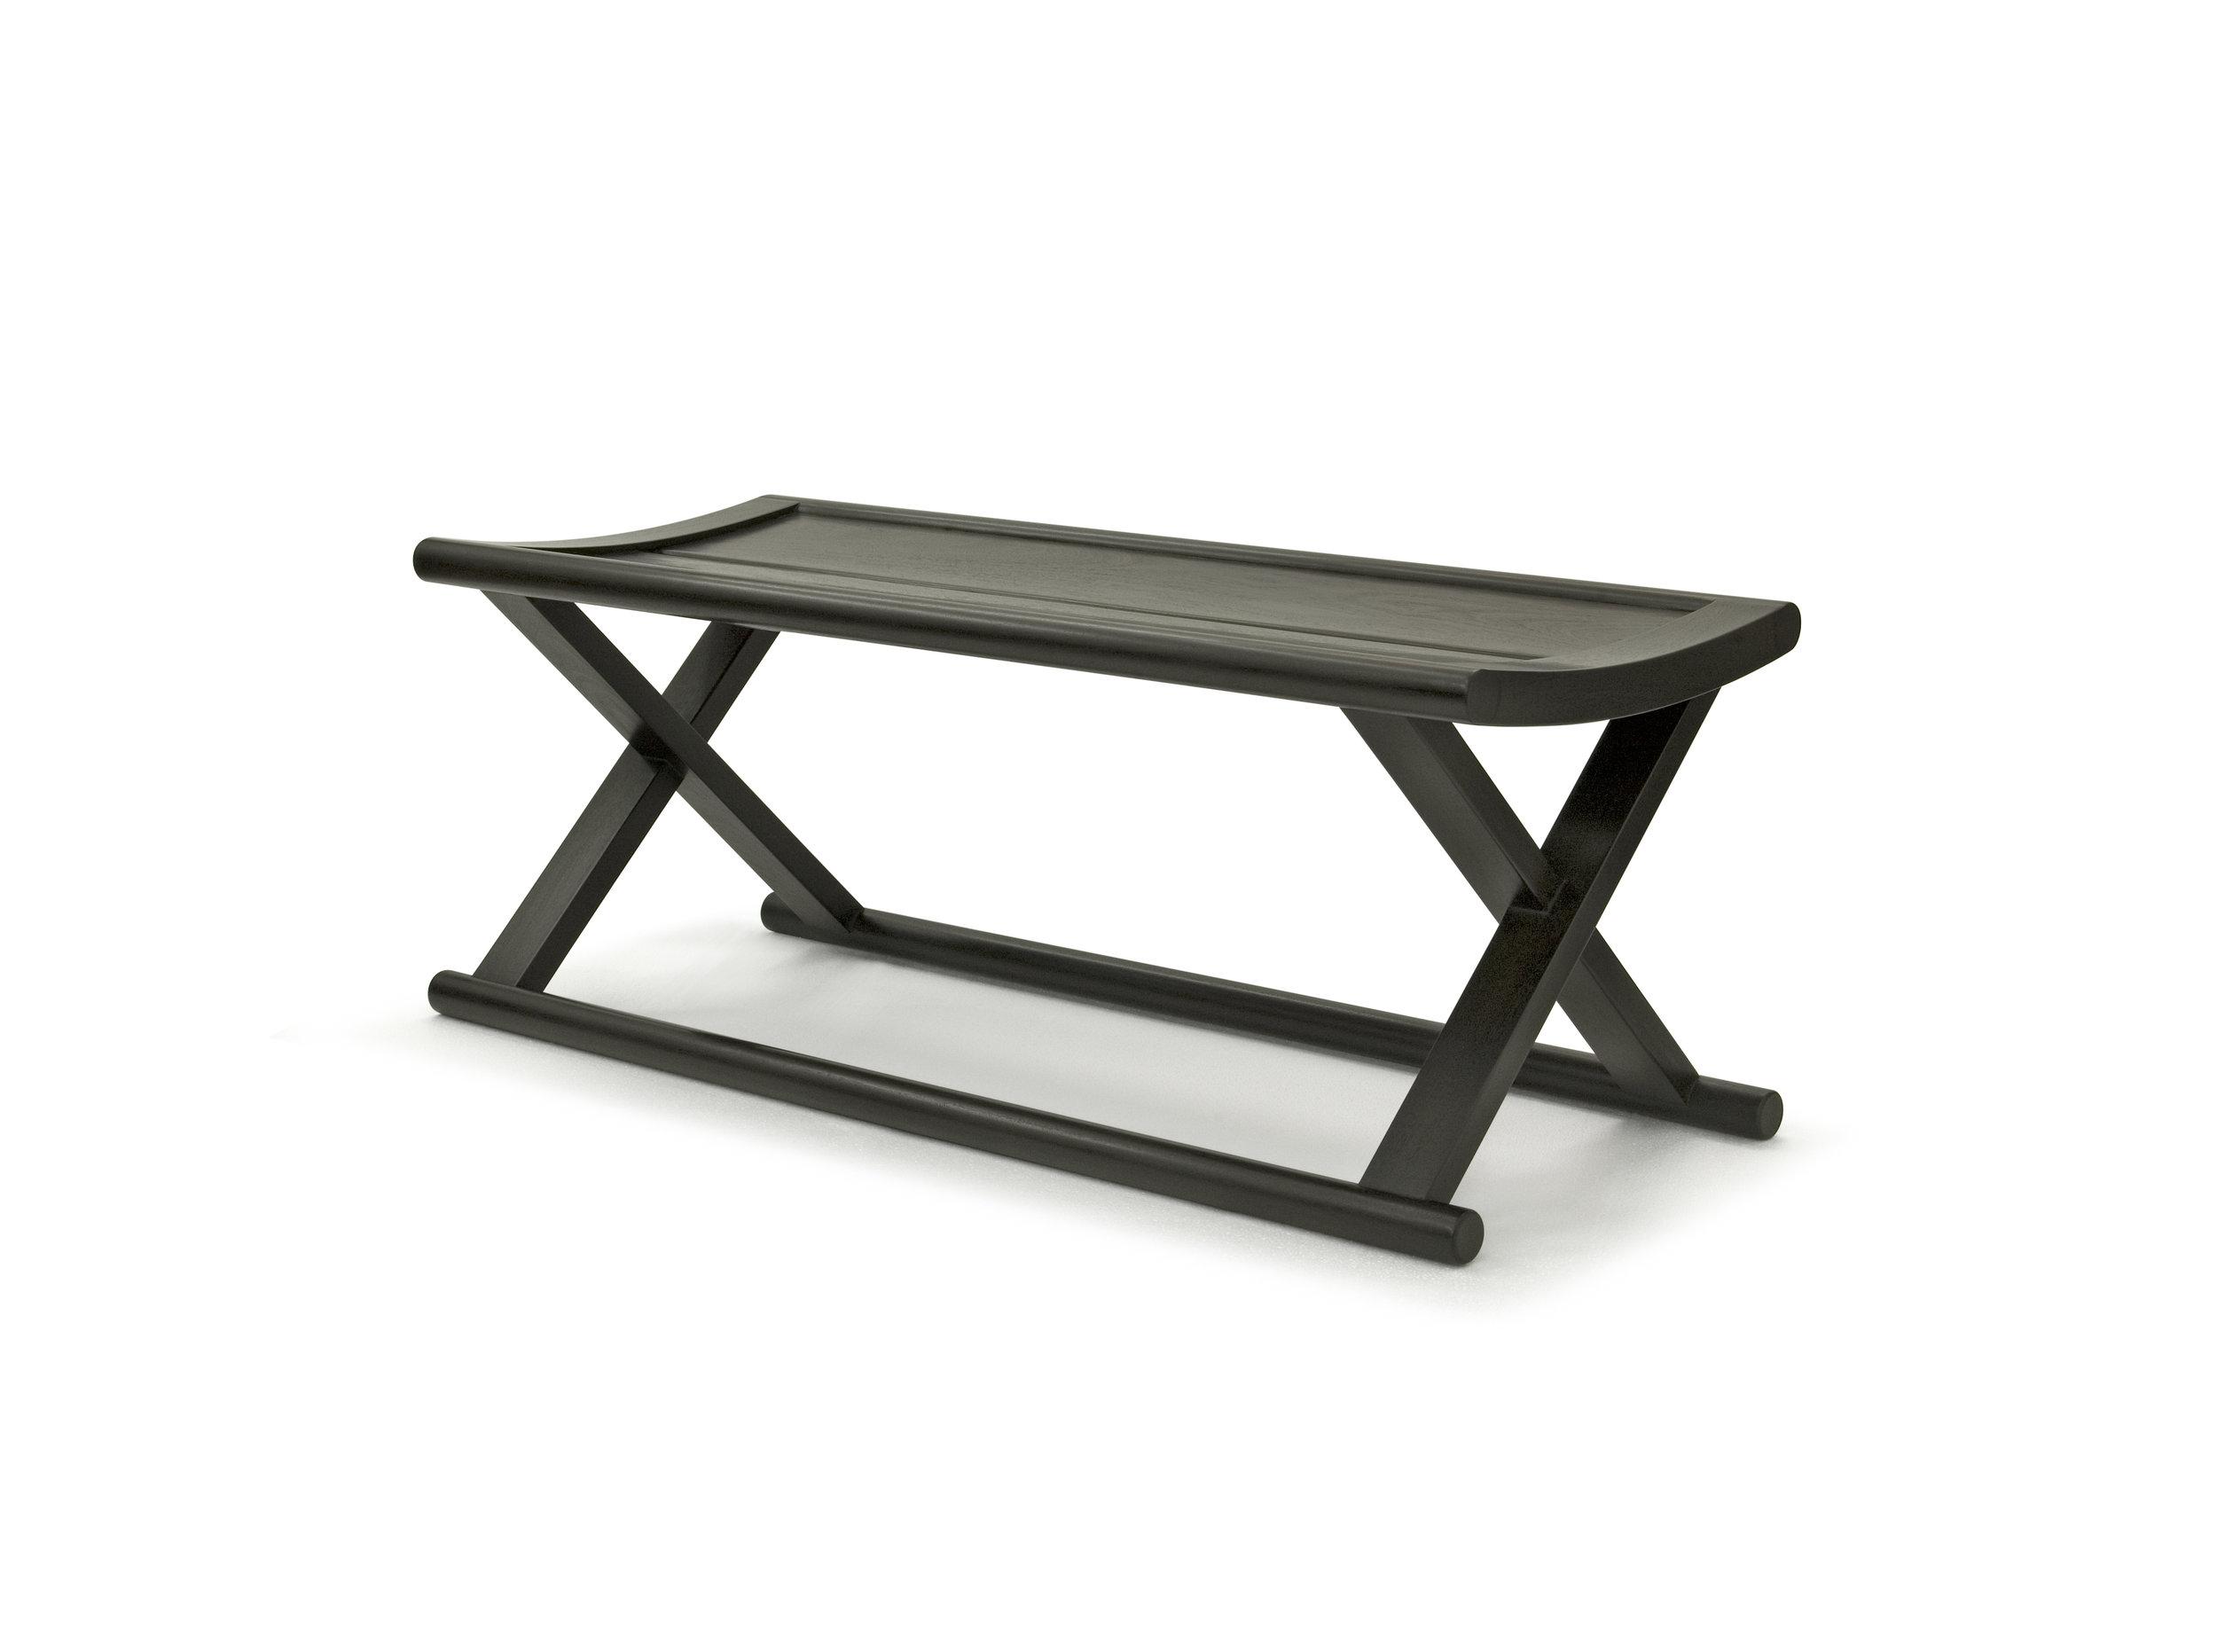 ....modern furniture : bench ..摩登家具 : 板凳....